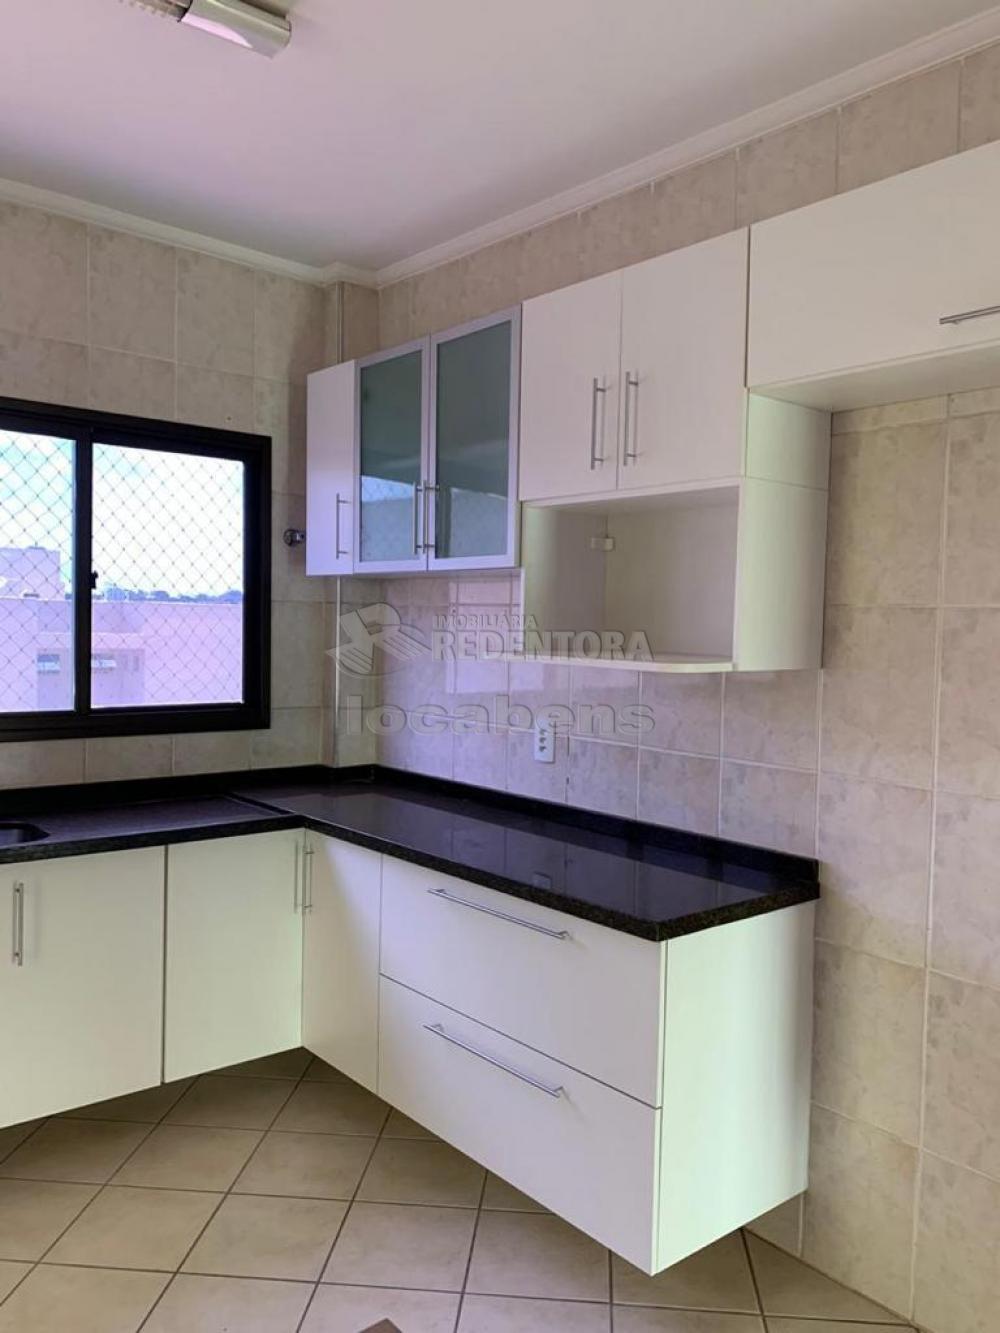 Comprar Apartamento / Padrão em São José do Rio Preto R$ 400.000,00 - Foto 28